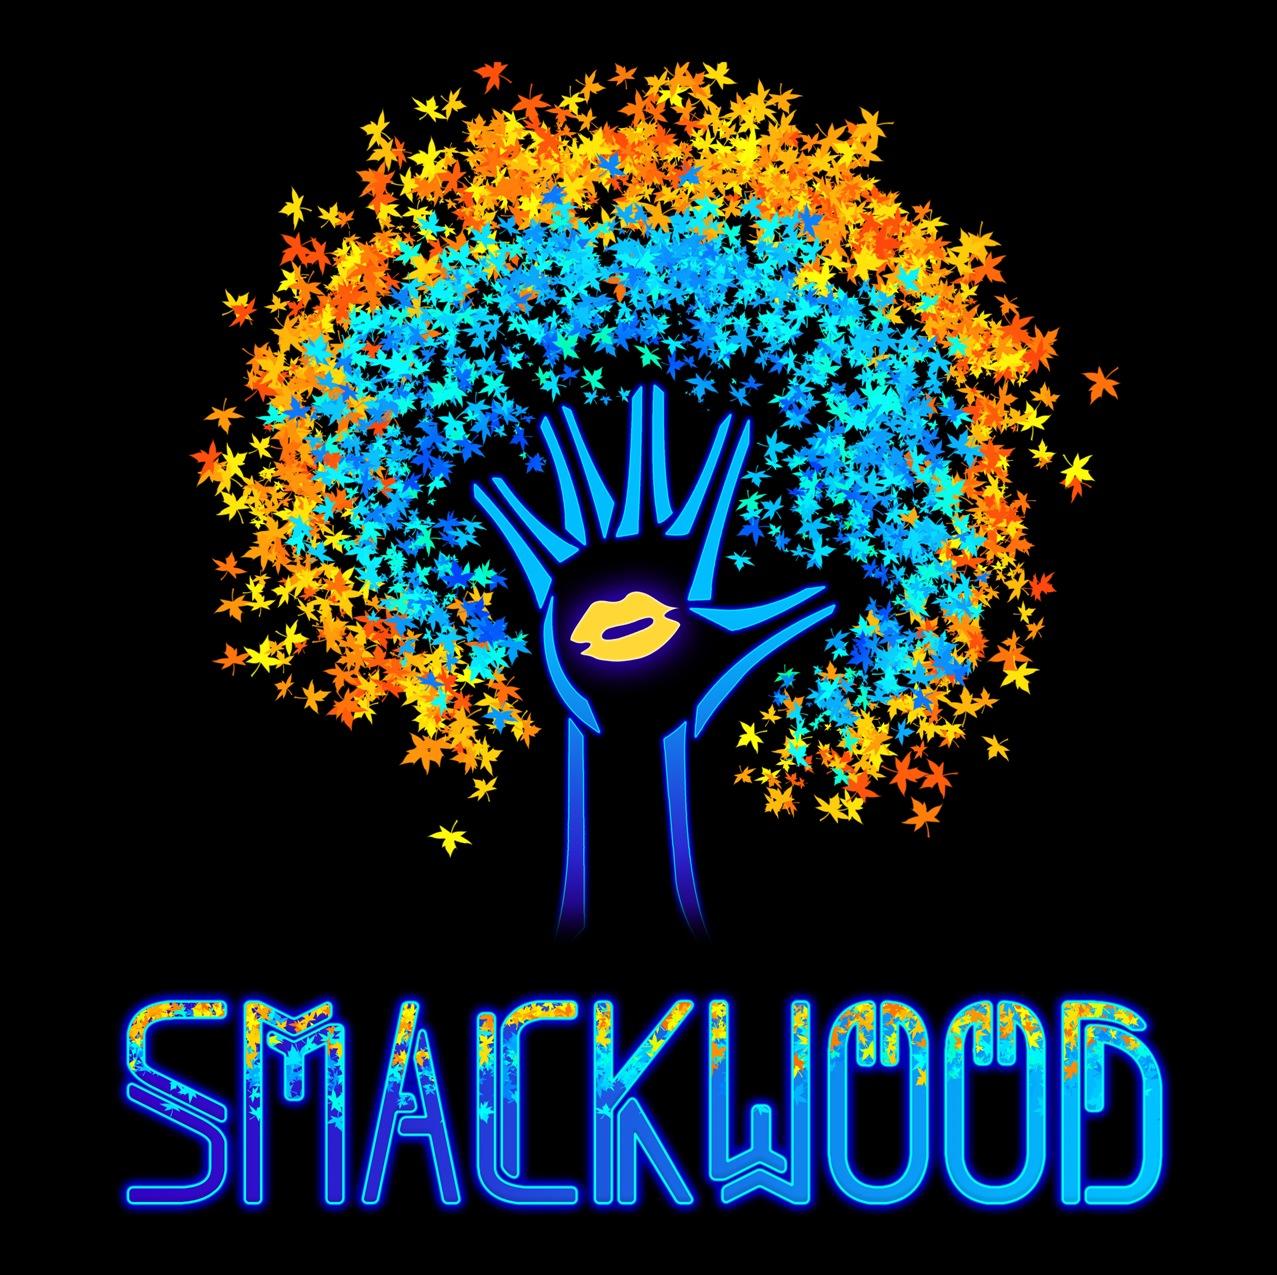 SMACKWOOD logo